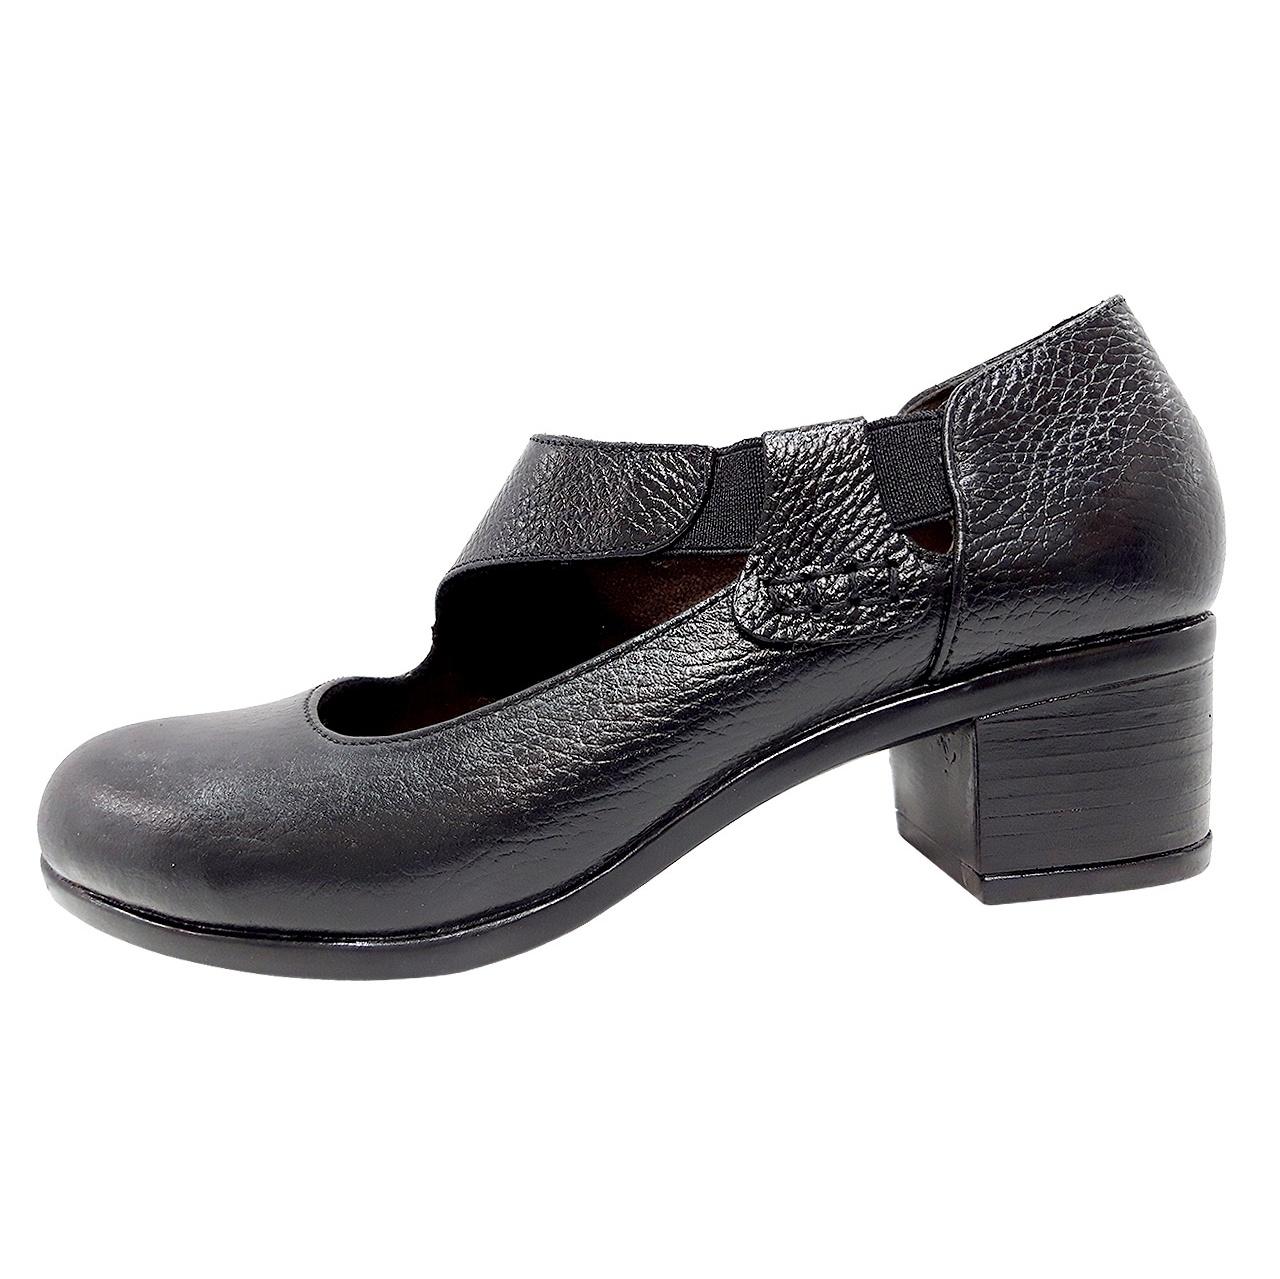 کفش زنانه روشن مدل 2075 کد 01              (قیمت و عکس)